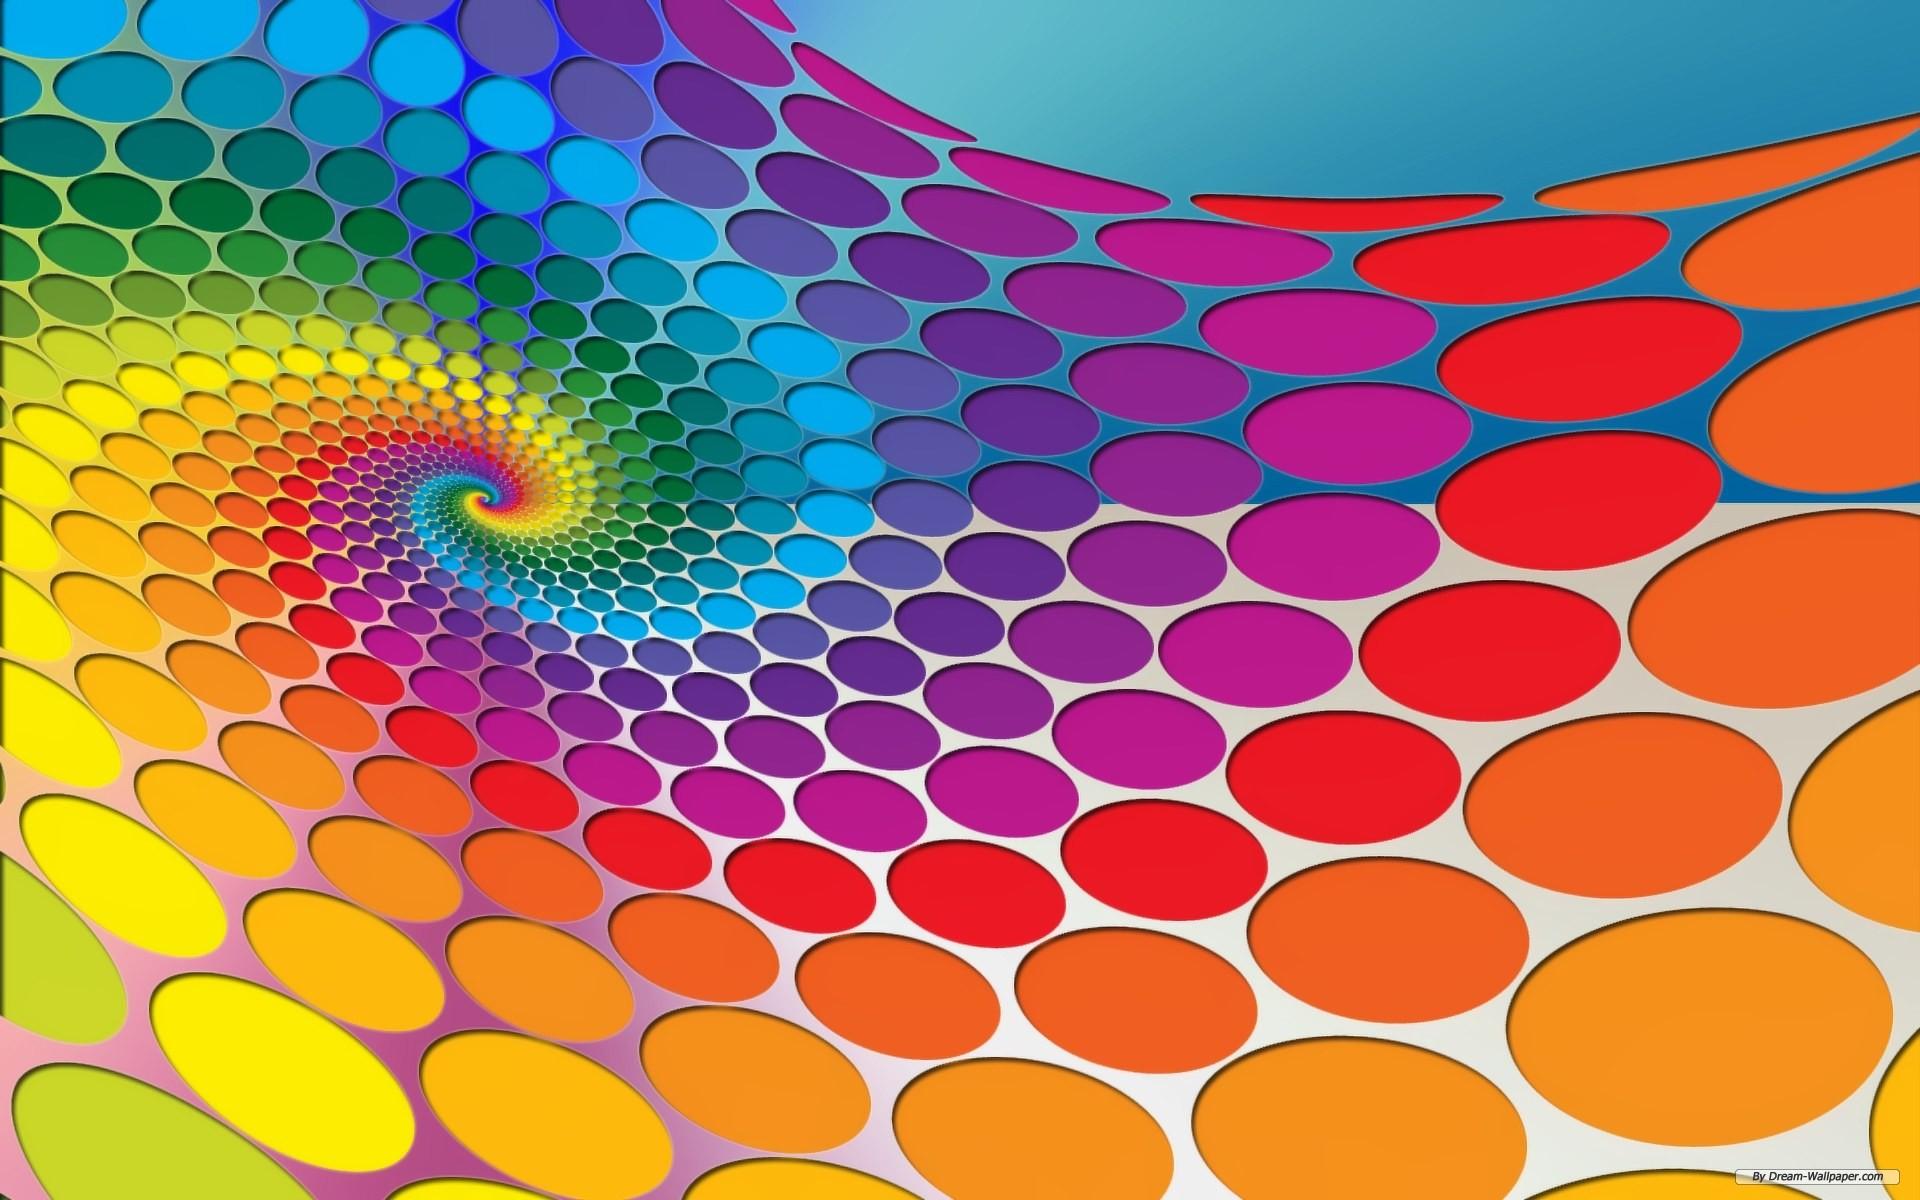 Graphic Design Art Wallpaper 2015 Cool Graphic Designs Invoice 1920x1200